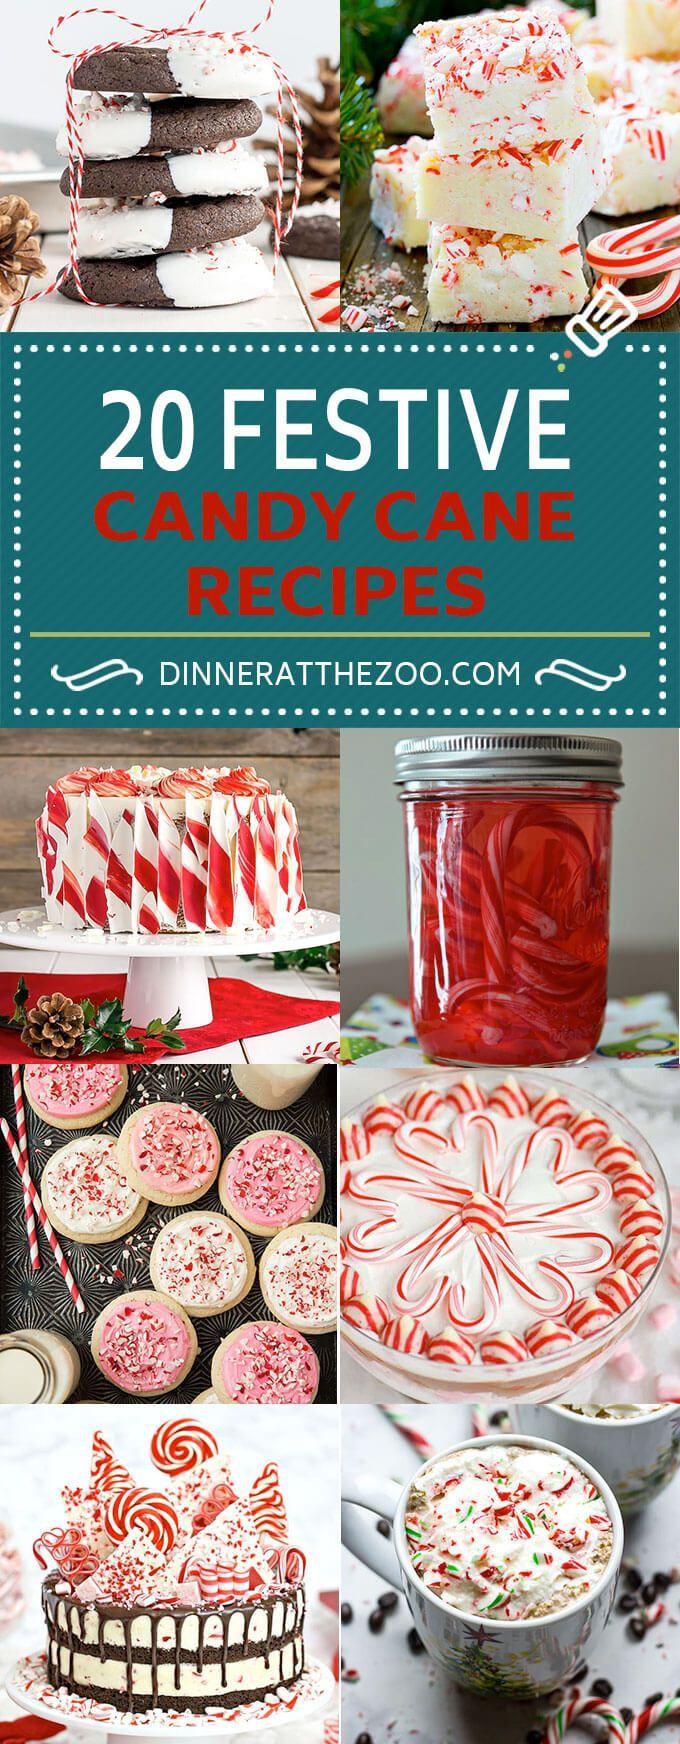 20 Festive Candy Cane Recipes   Christmas Recipes   Holiday Recipes   Peppermint Recipes